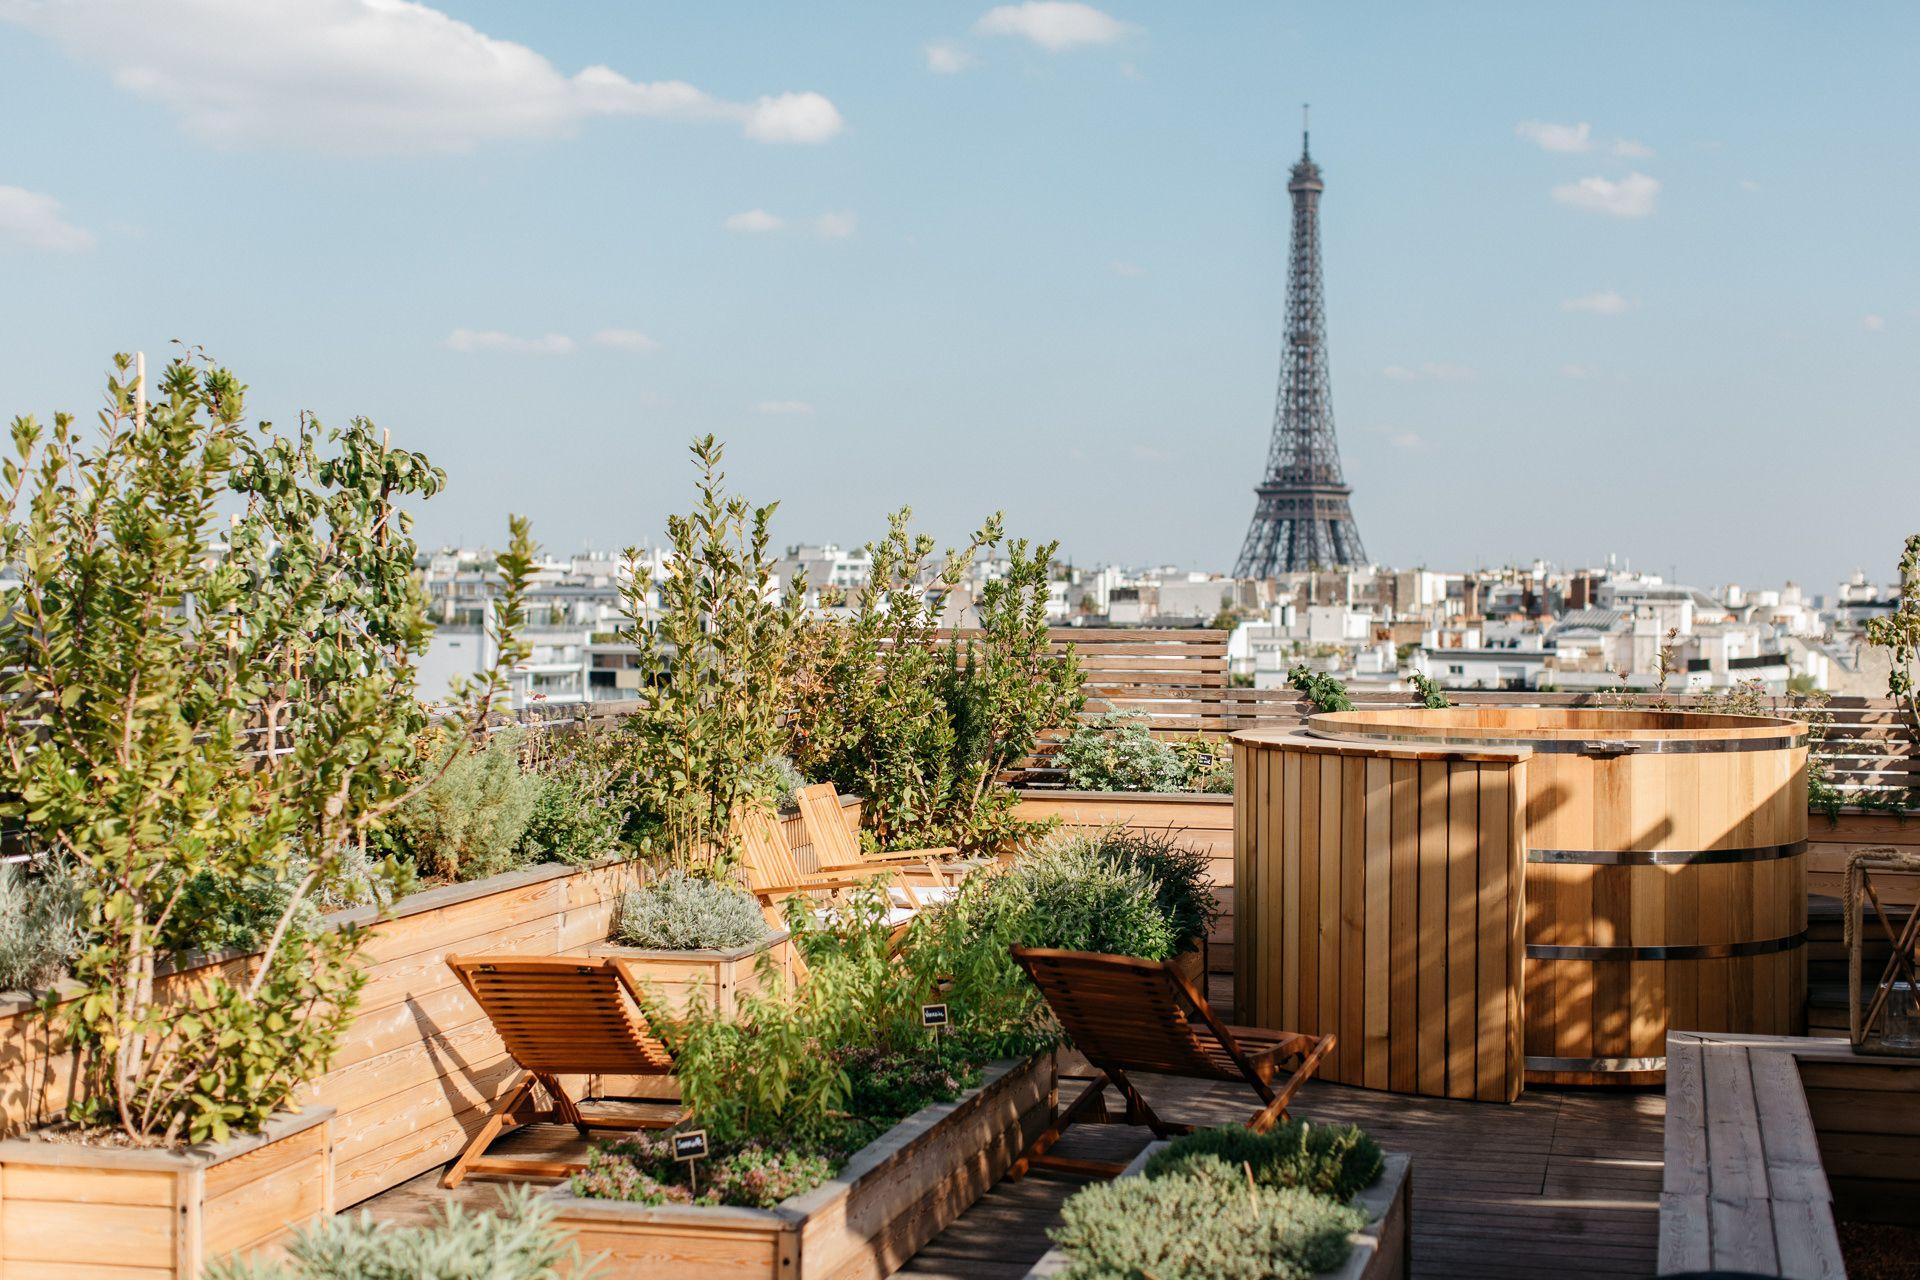 Spa & bain nordique sur le rooftop de l'hôtel Brach Paris 16